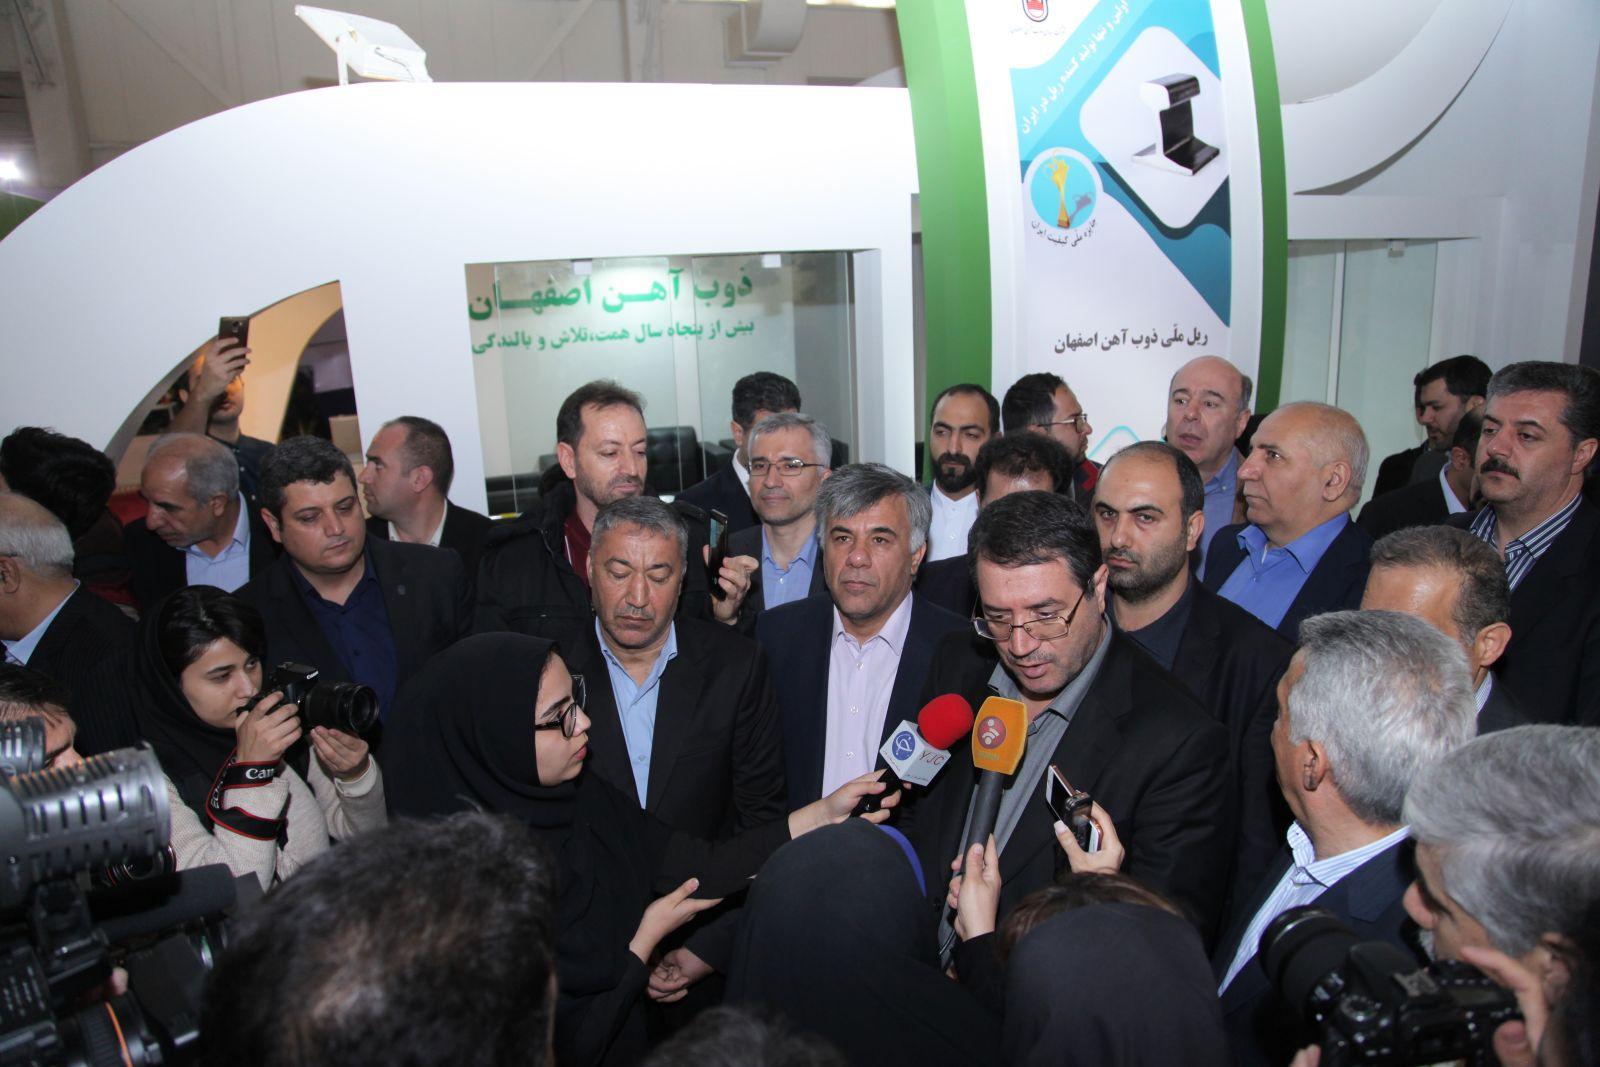 دستور ویژه وزیر صمت برای تامین مواد اولیه مورد نیاز ذوب آهن اصفهان